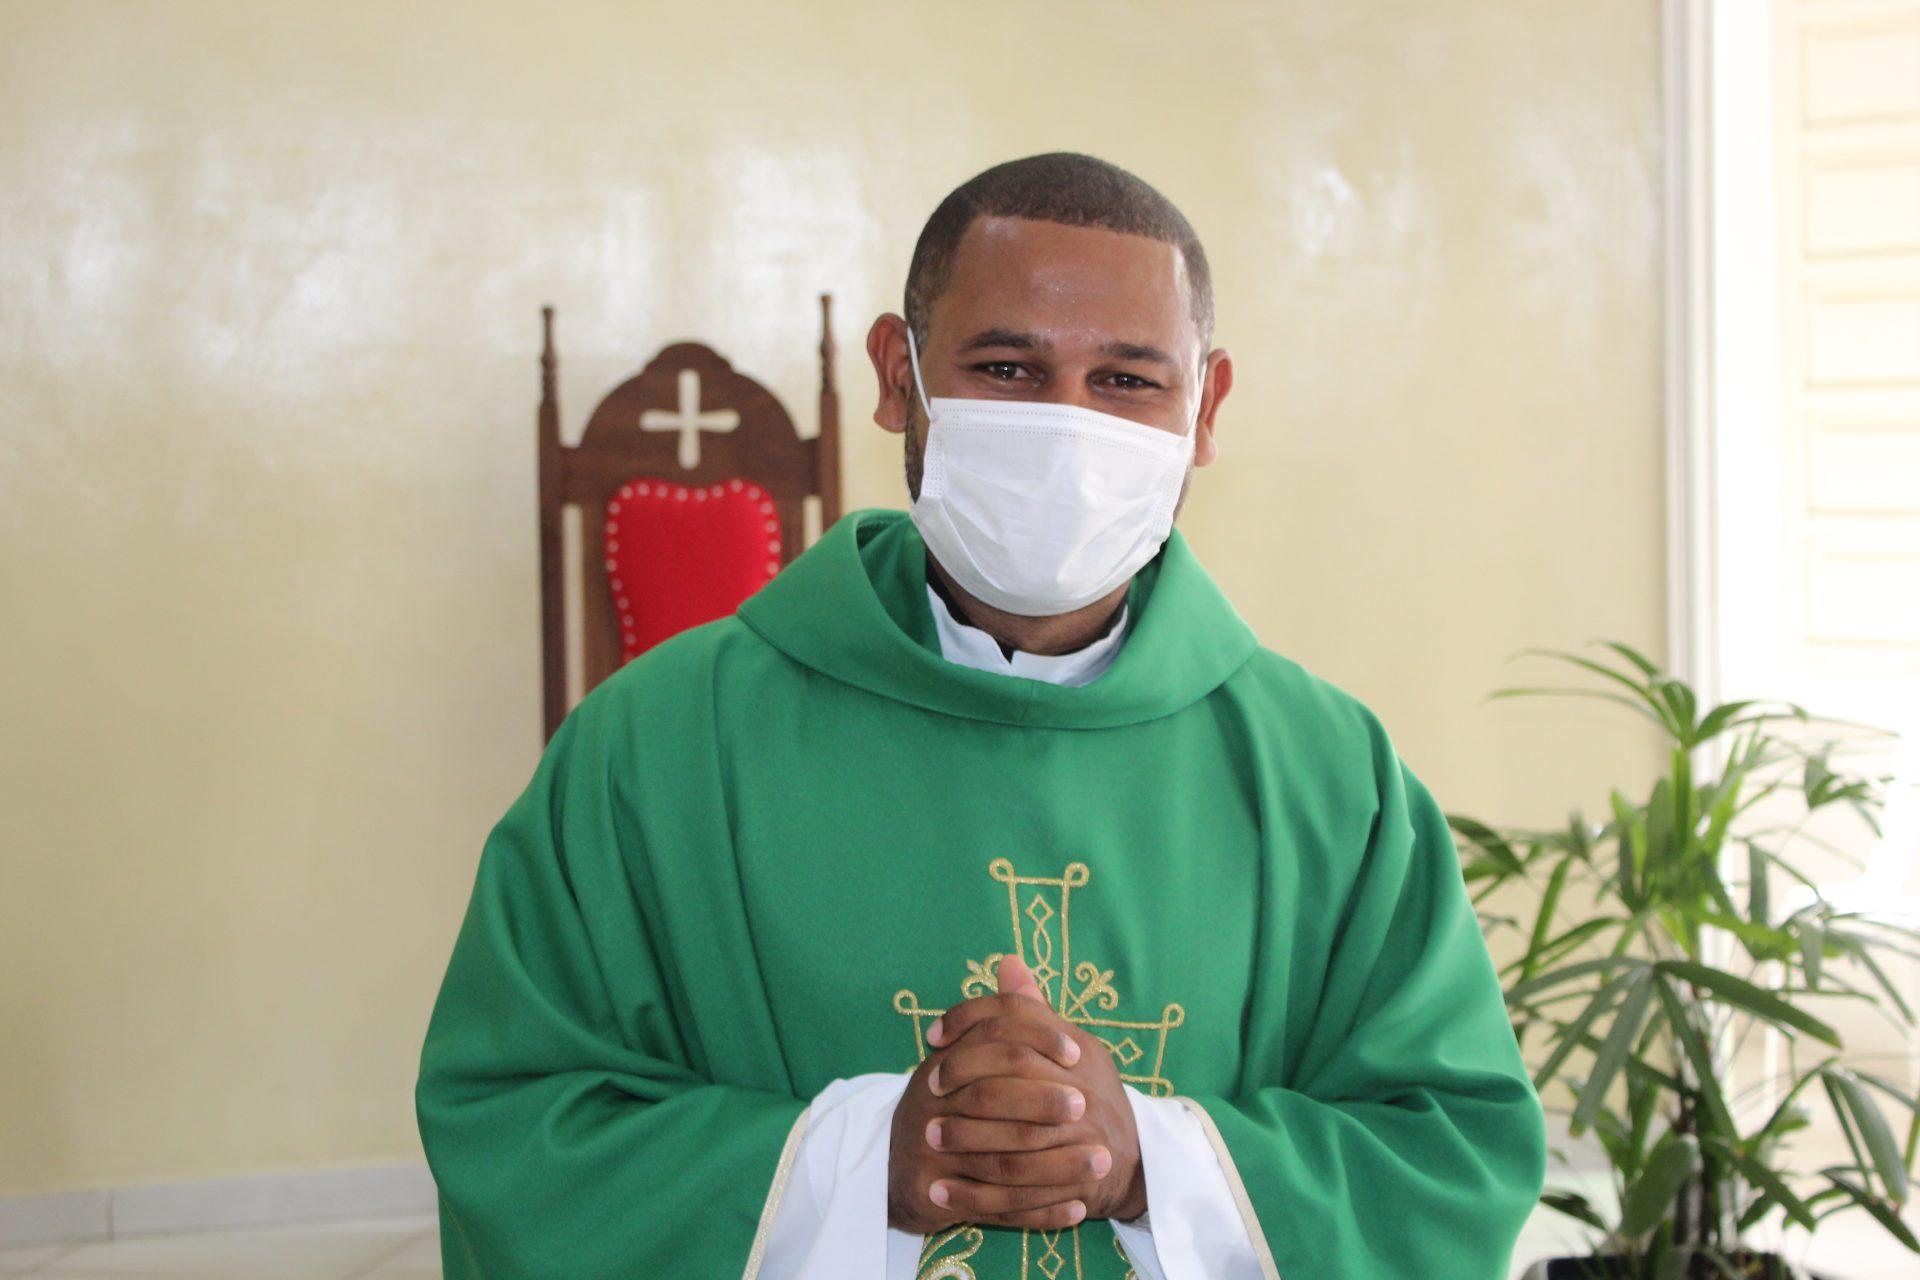 Acolhida do Padre Edmilson na Paróquia São José Operário - 07/02/2021